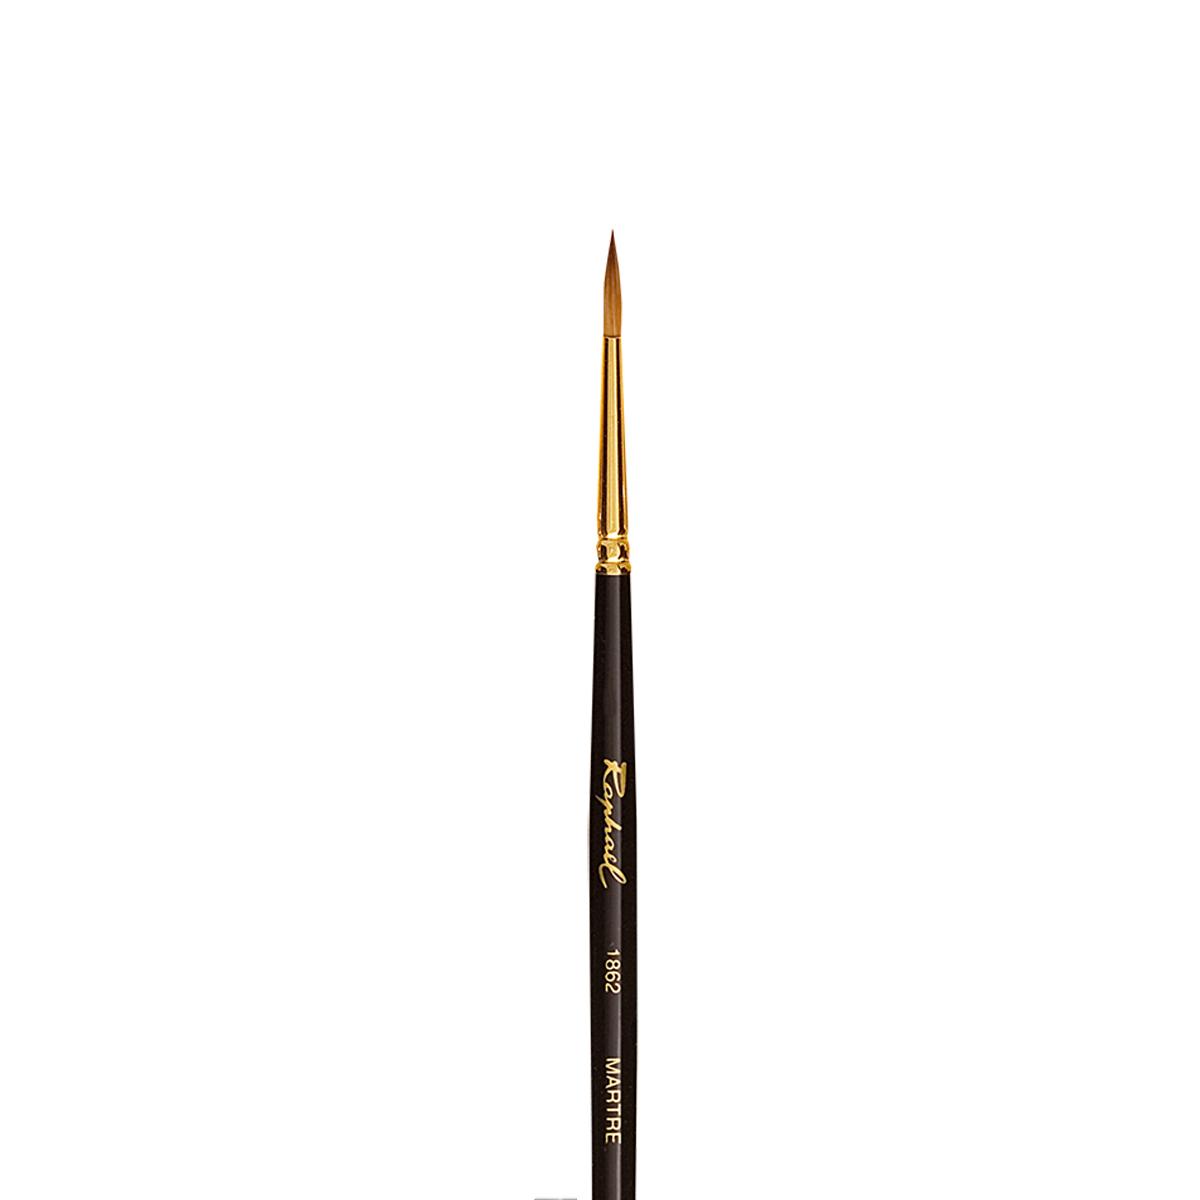 Porte cl/és 25 mm Merci Ma/ître crayons de couleurs Personnalisation Texte Pr/énom